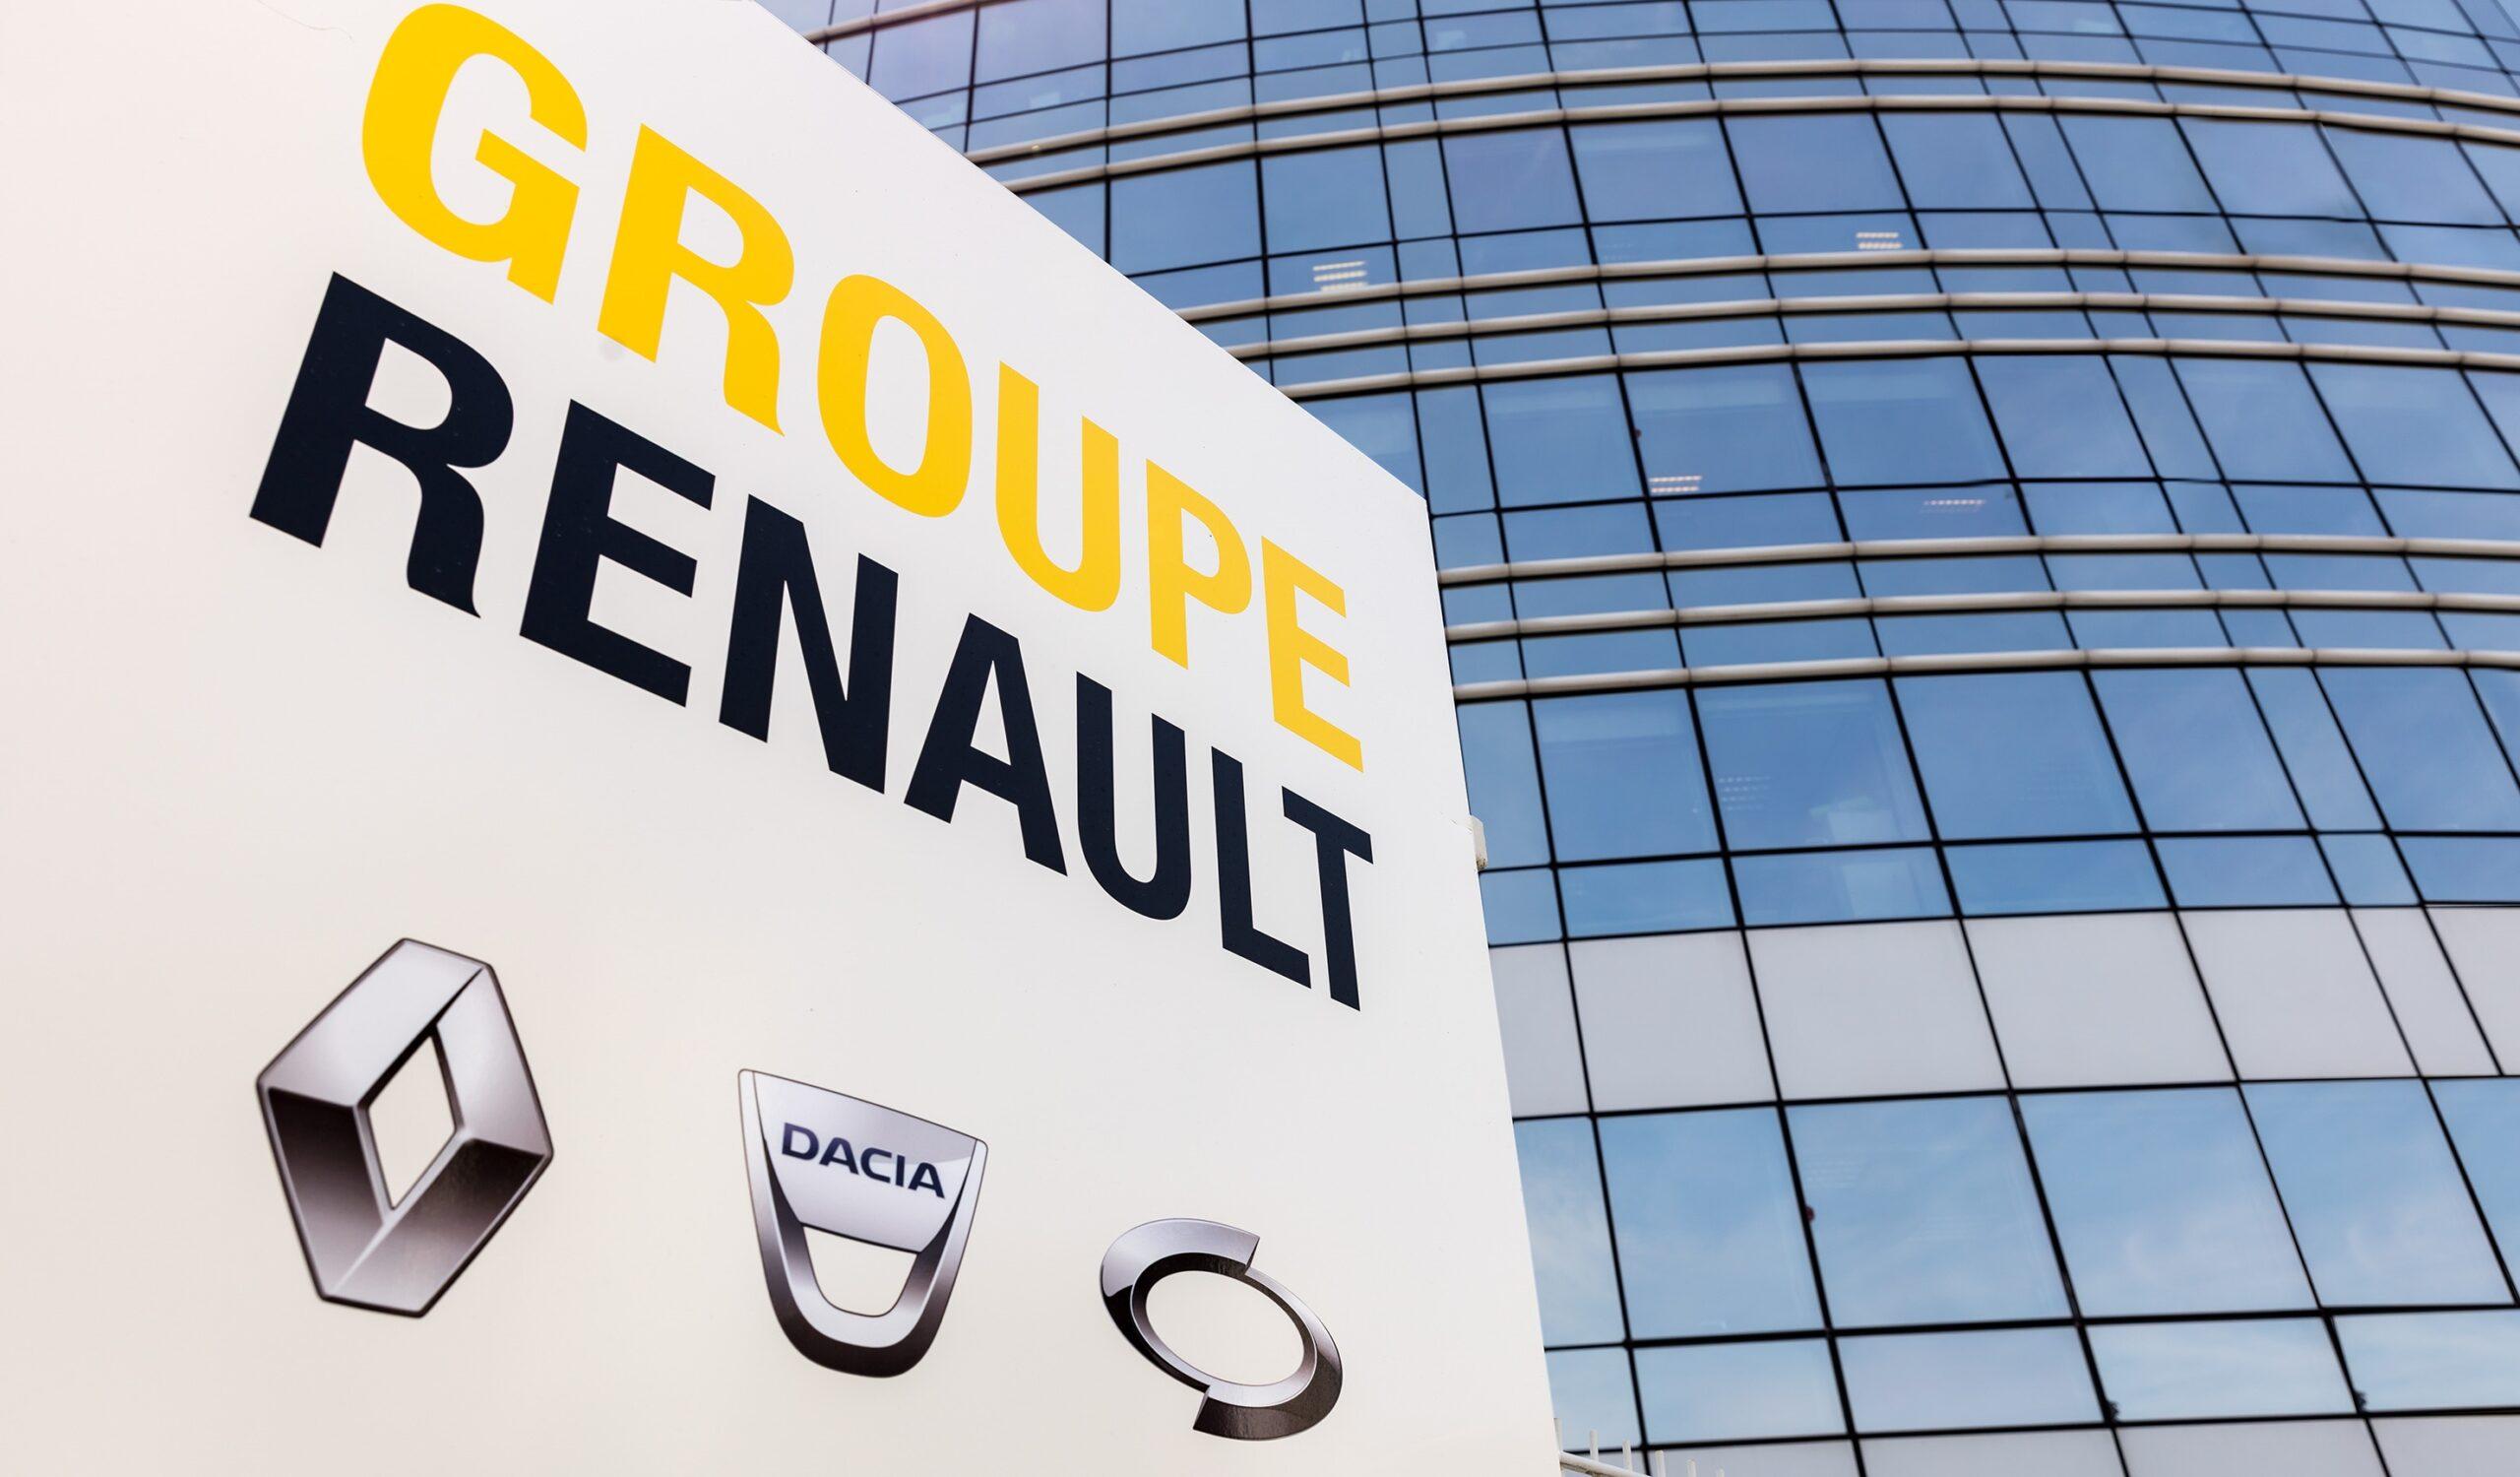 Renault hondoratu al da? 4600 pertsona kaleratuko dira!